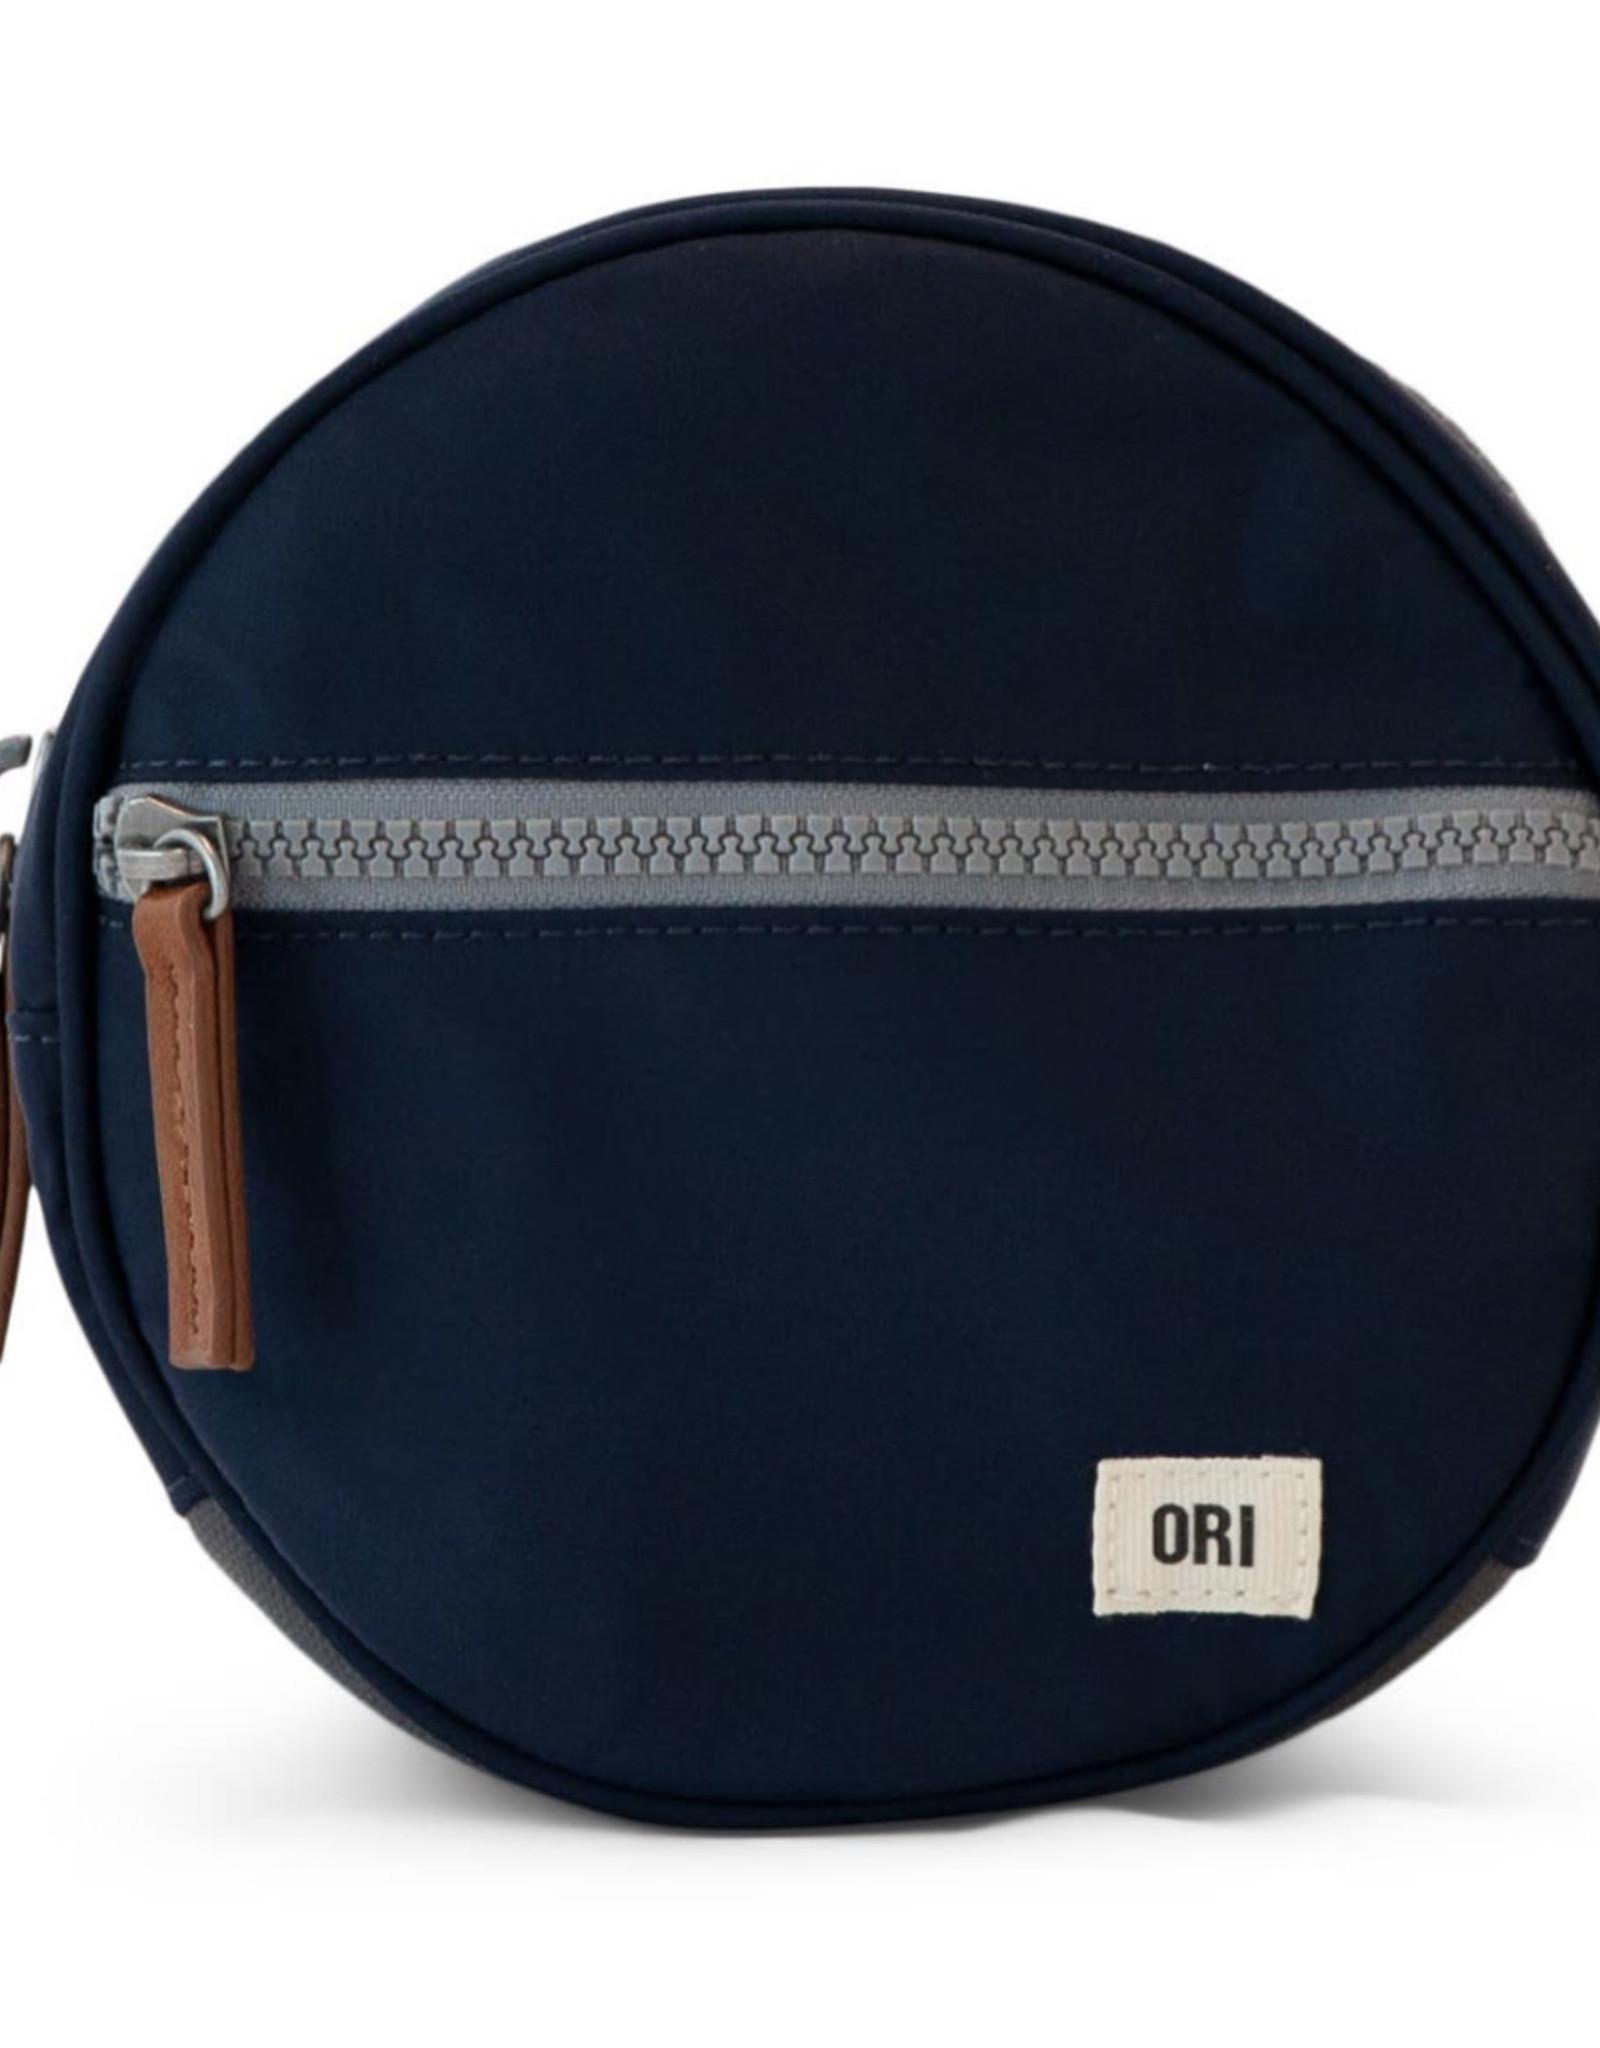 Ori London Ori Paddington hip bag